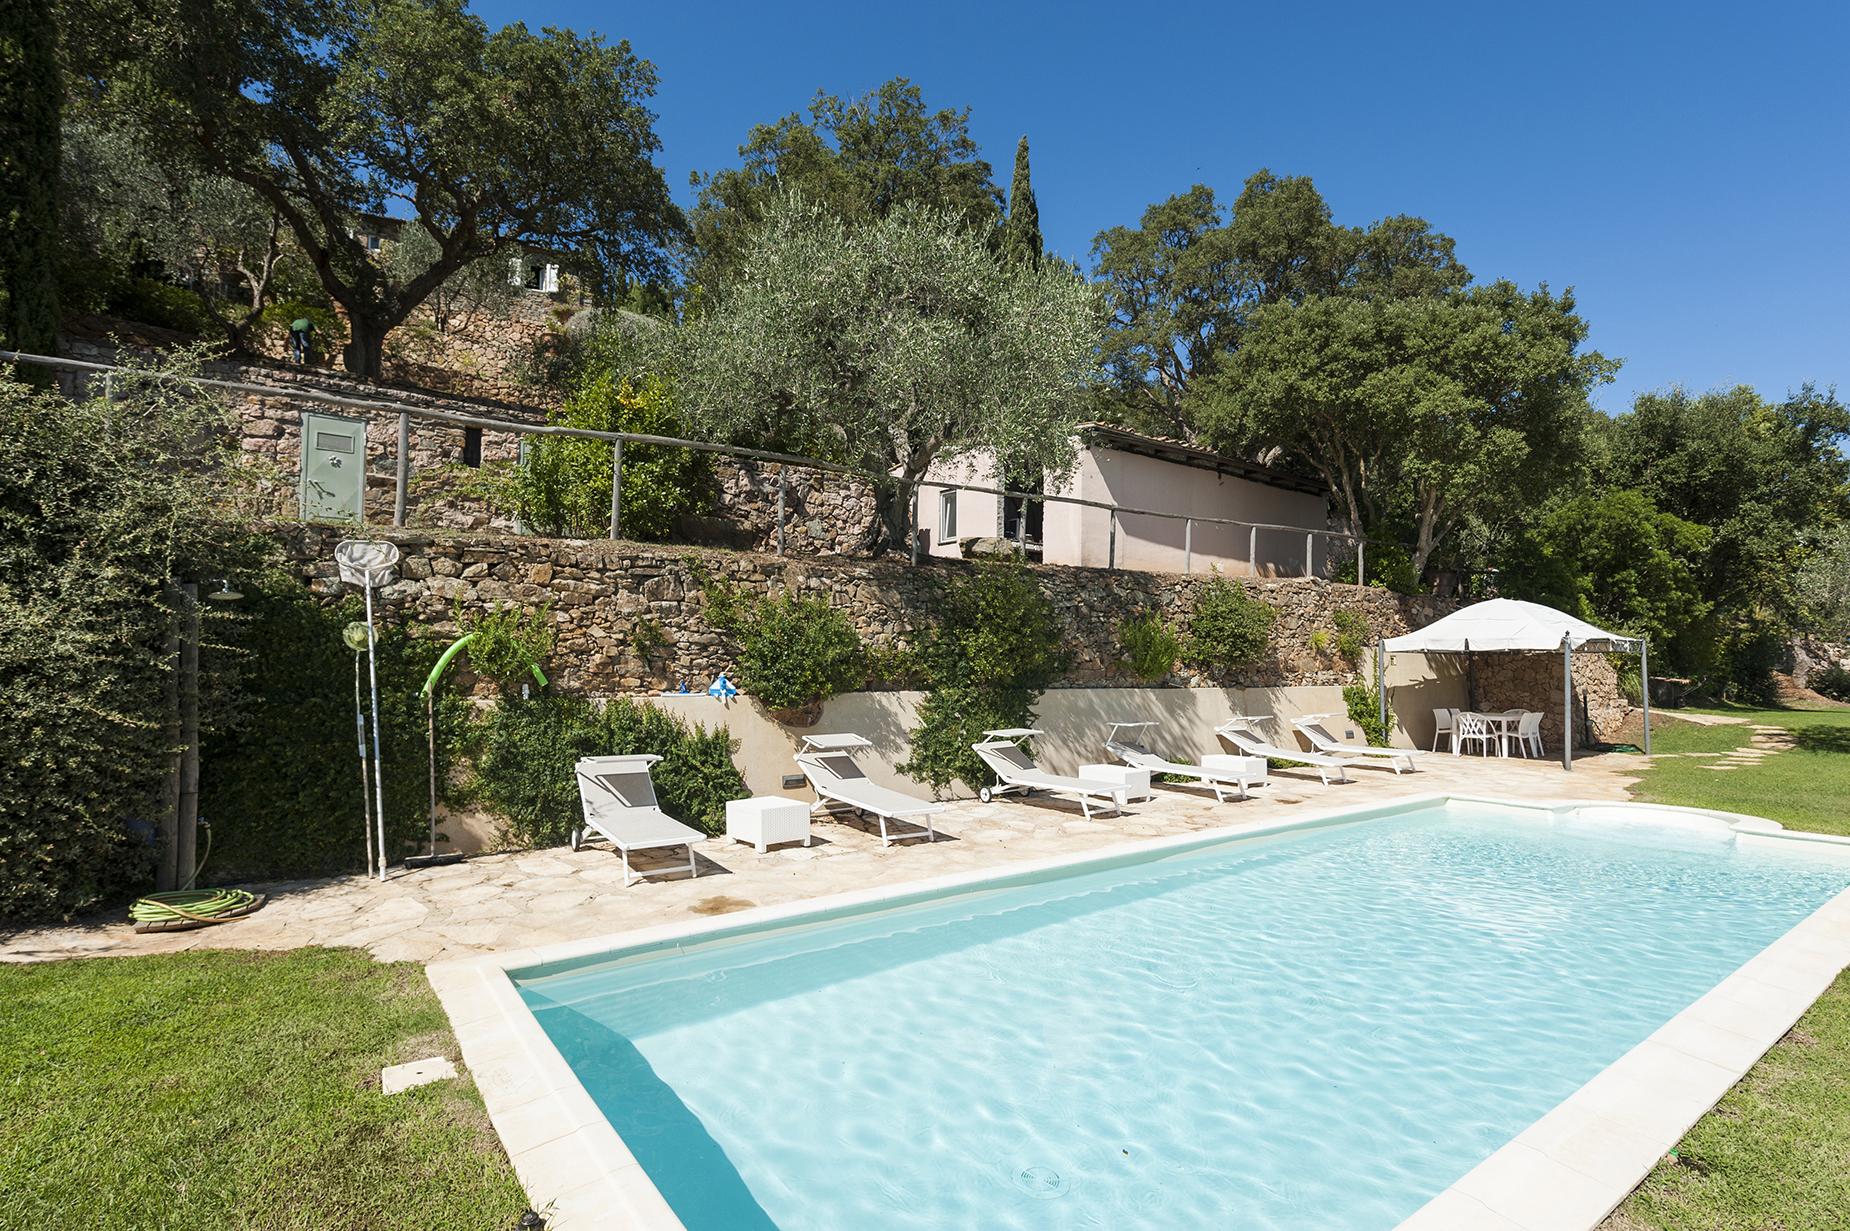 Villa in Vendita a Monte Argentario: 5 locali, 400 mq - Foto 5